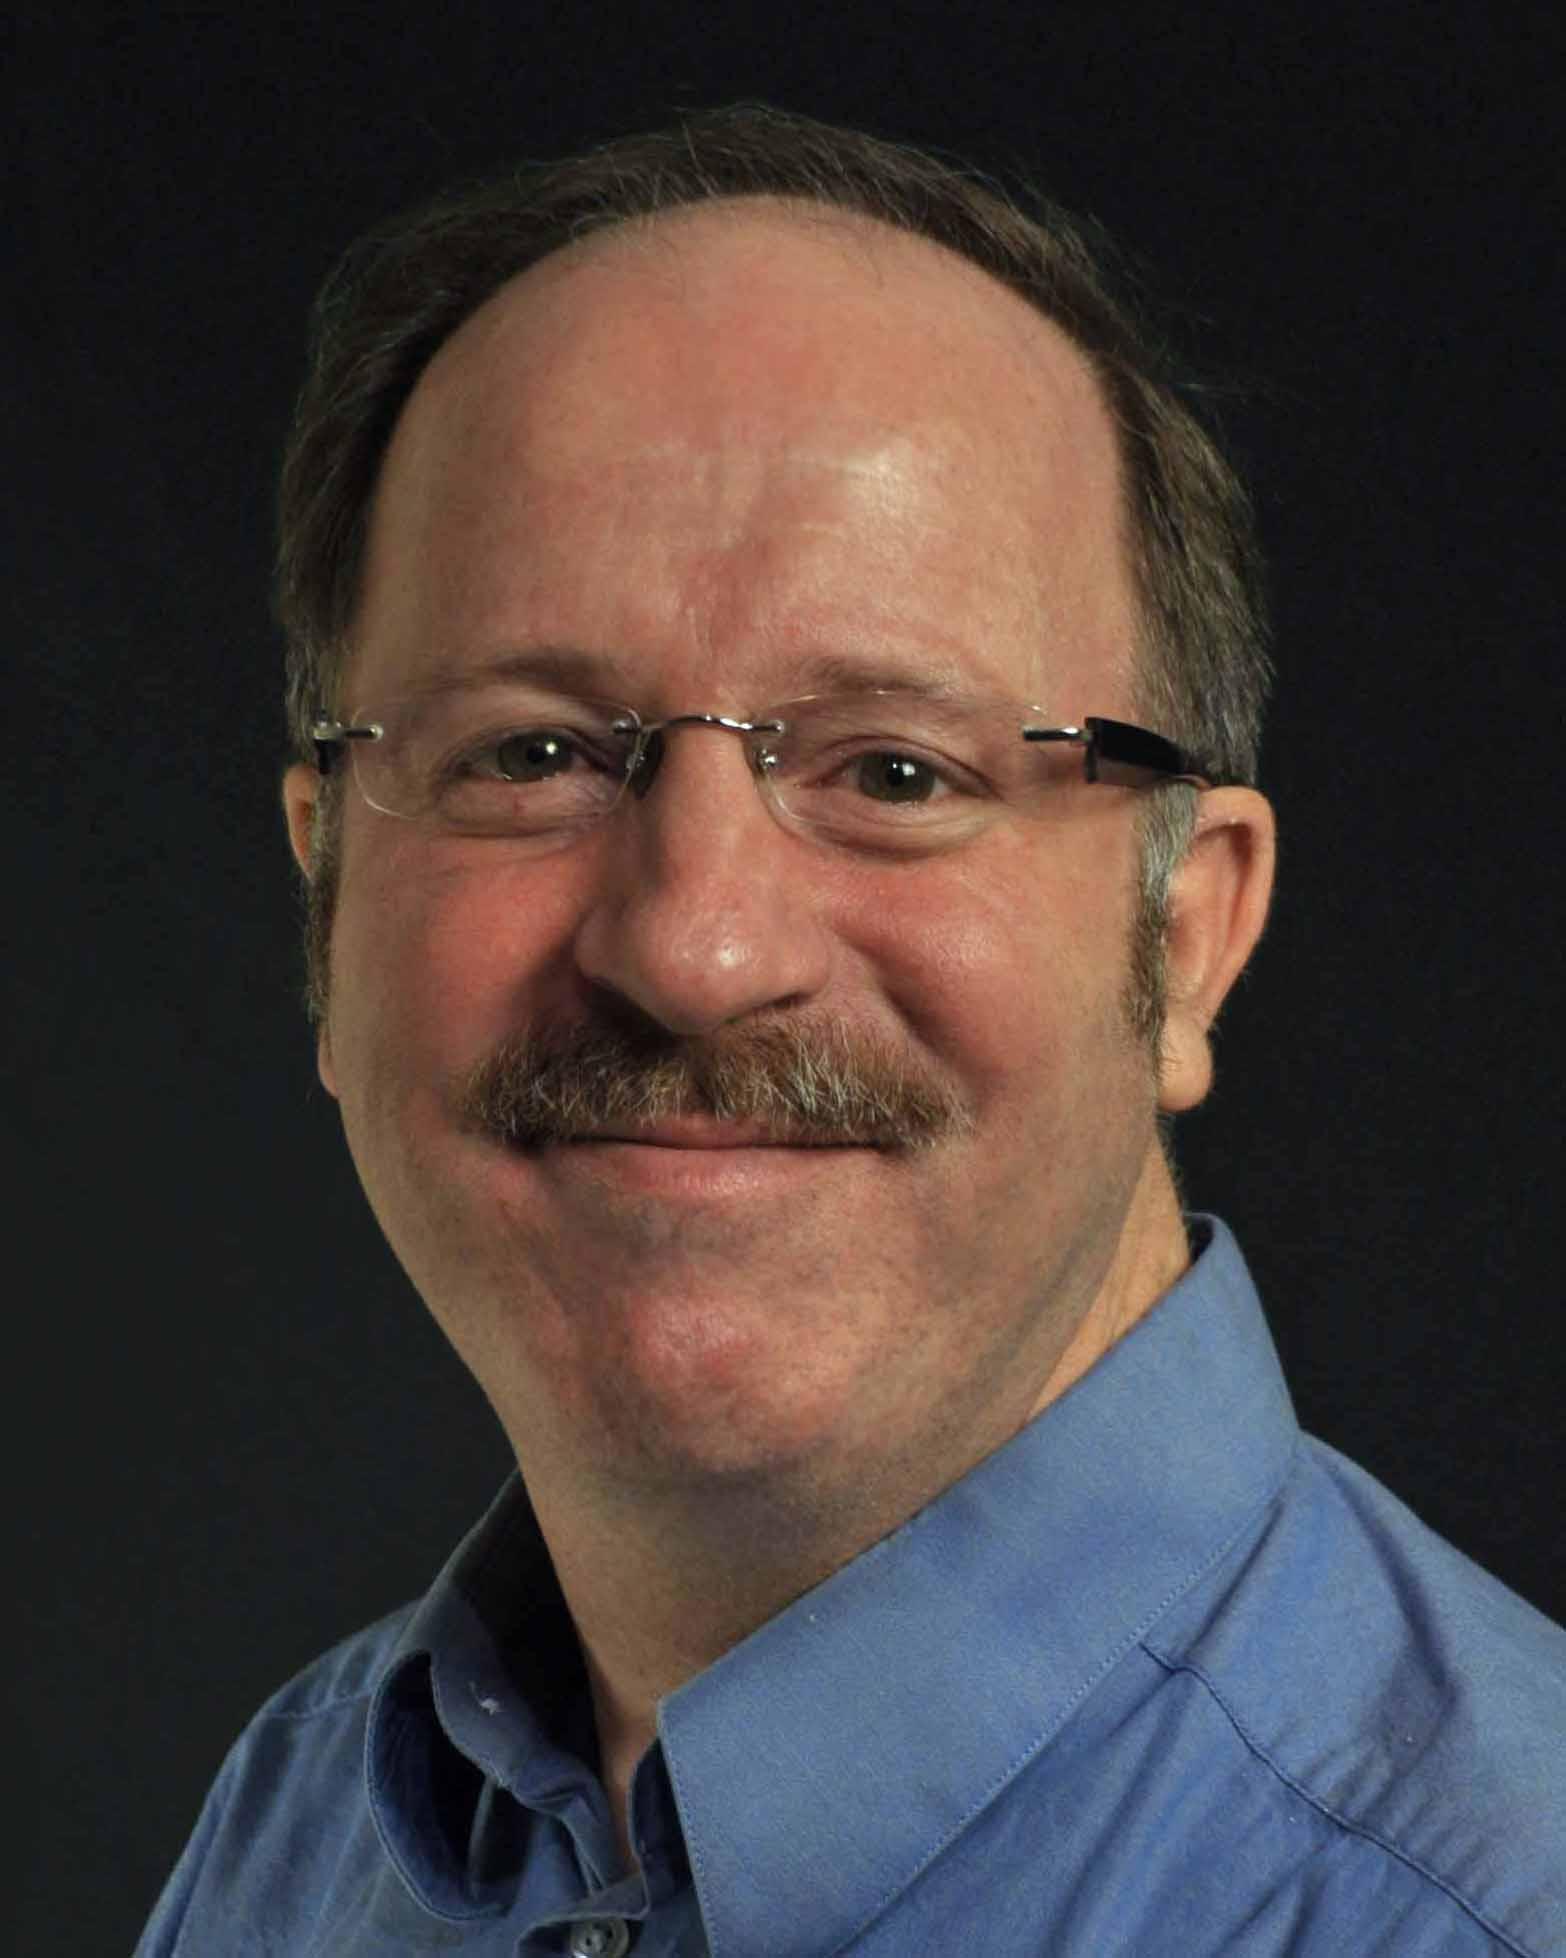 Dr. Kintner